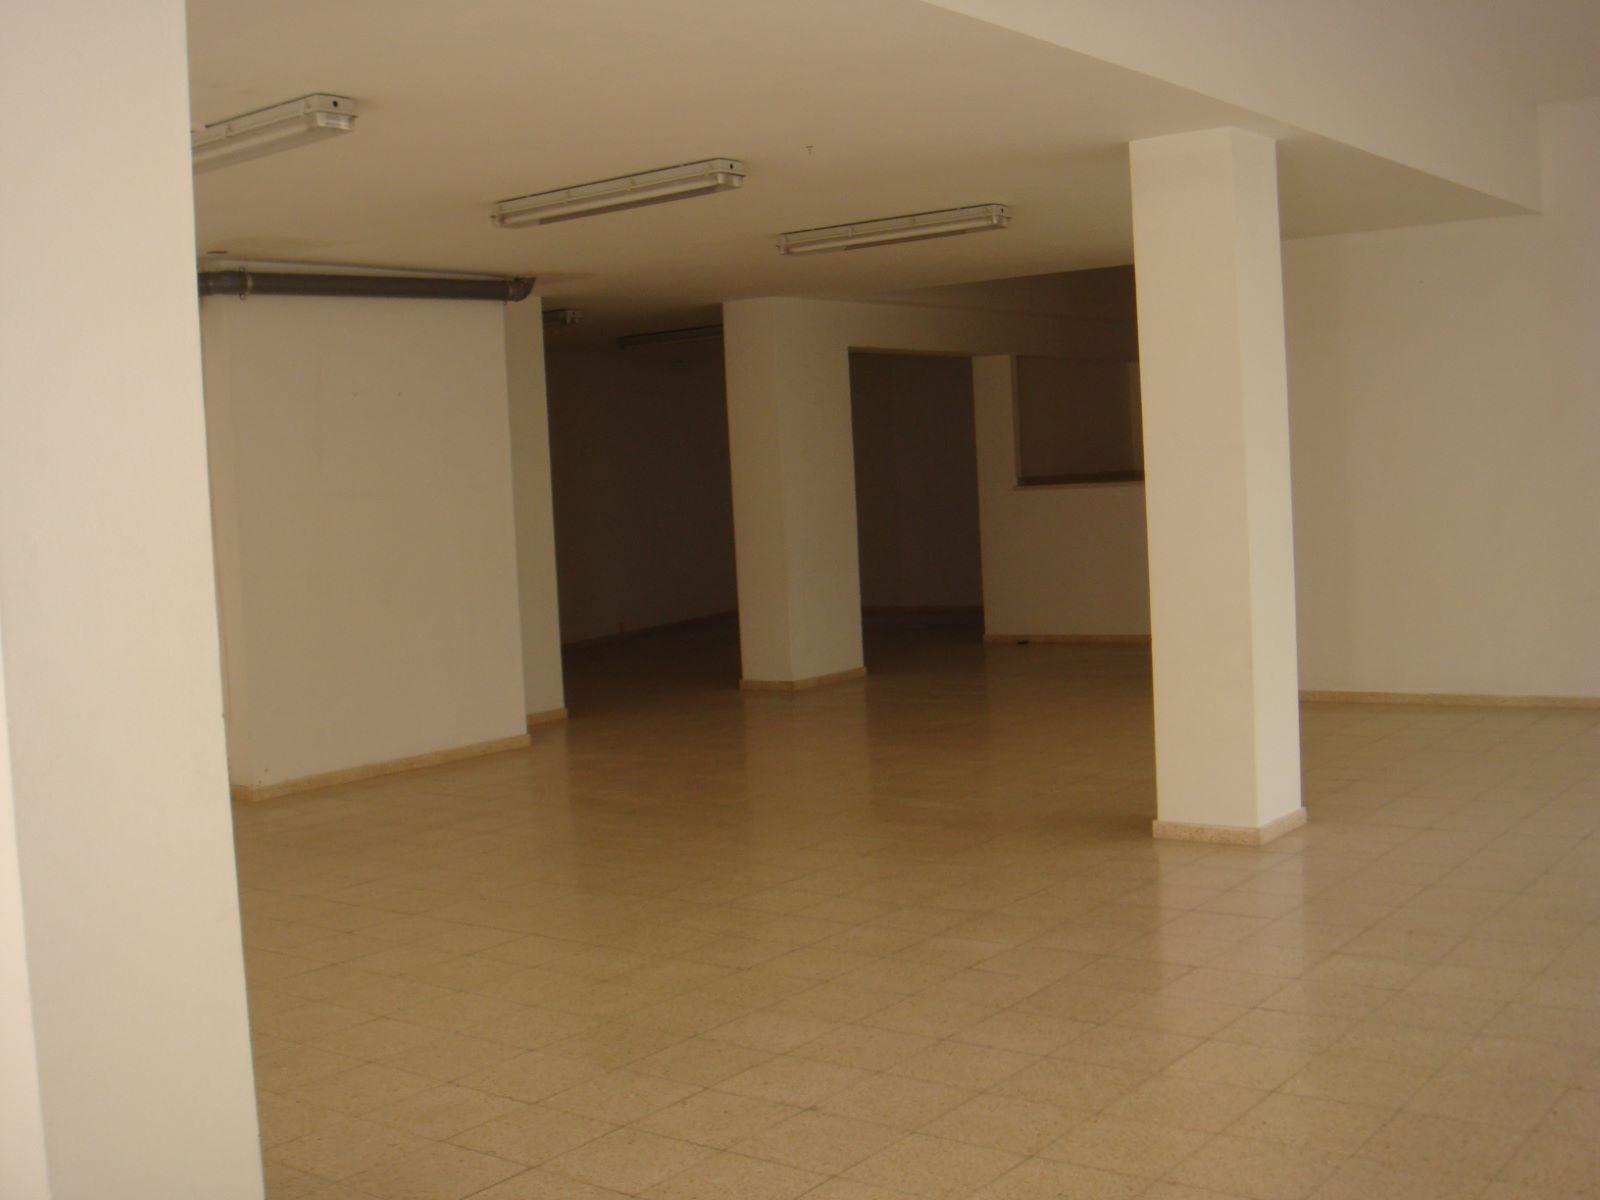 Local comercial en Mahón Ref: V1641 2